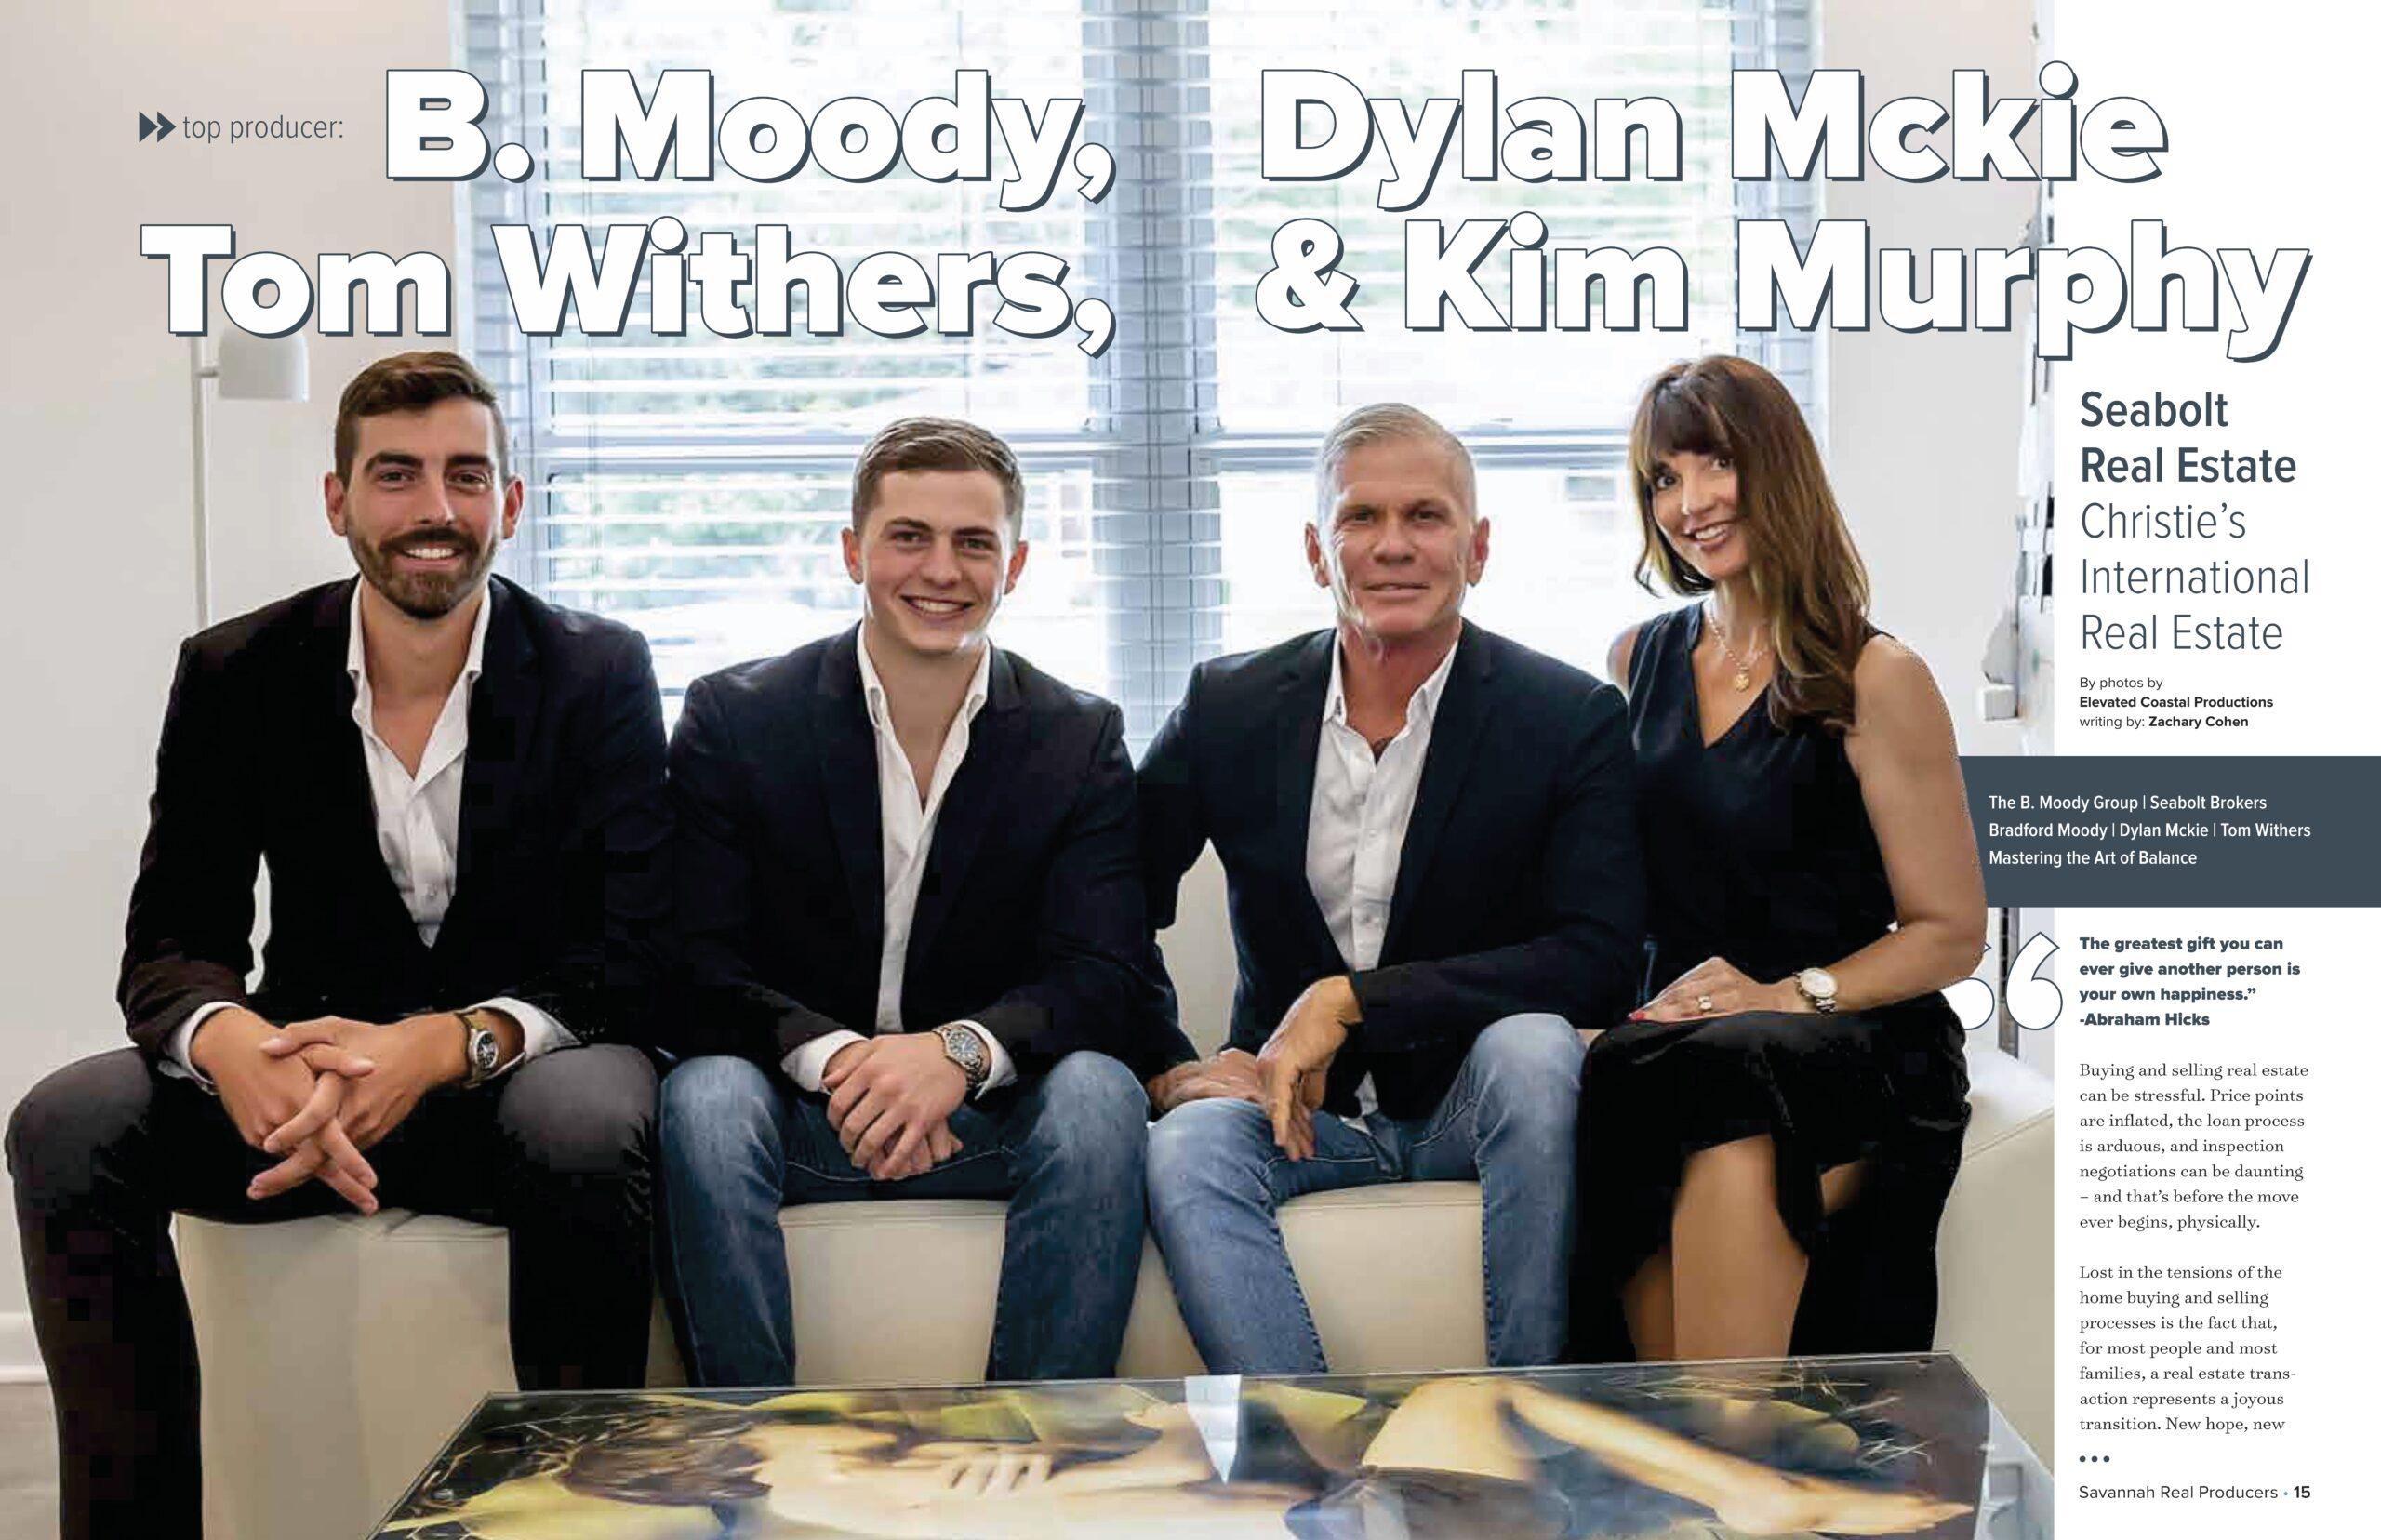 Savannah Real Producers   B. Moody Group